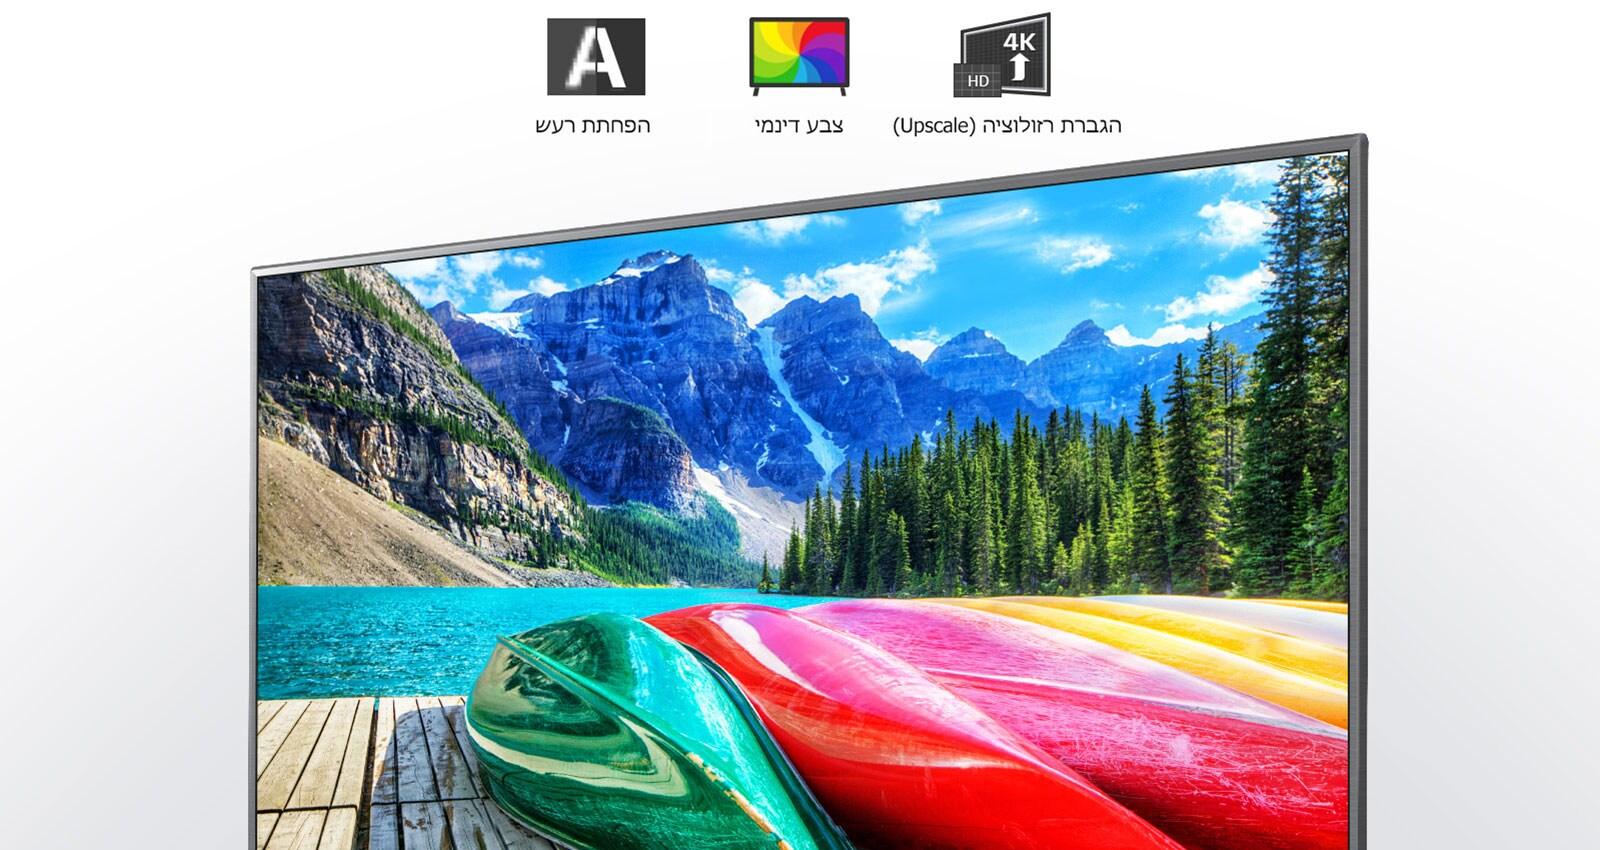 על מסך הטלוויזיה תמונה ציורית של הרים, יער ואגם, עם סמלי הפחתת רעש, צבע דינמי והגברת רזולוציה.